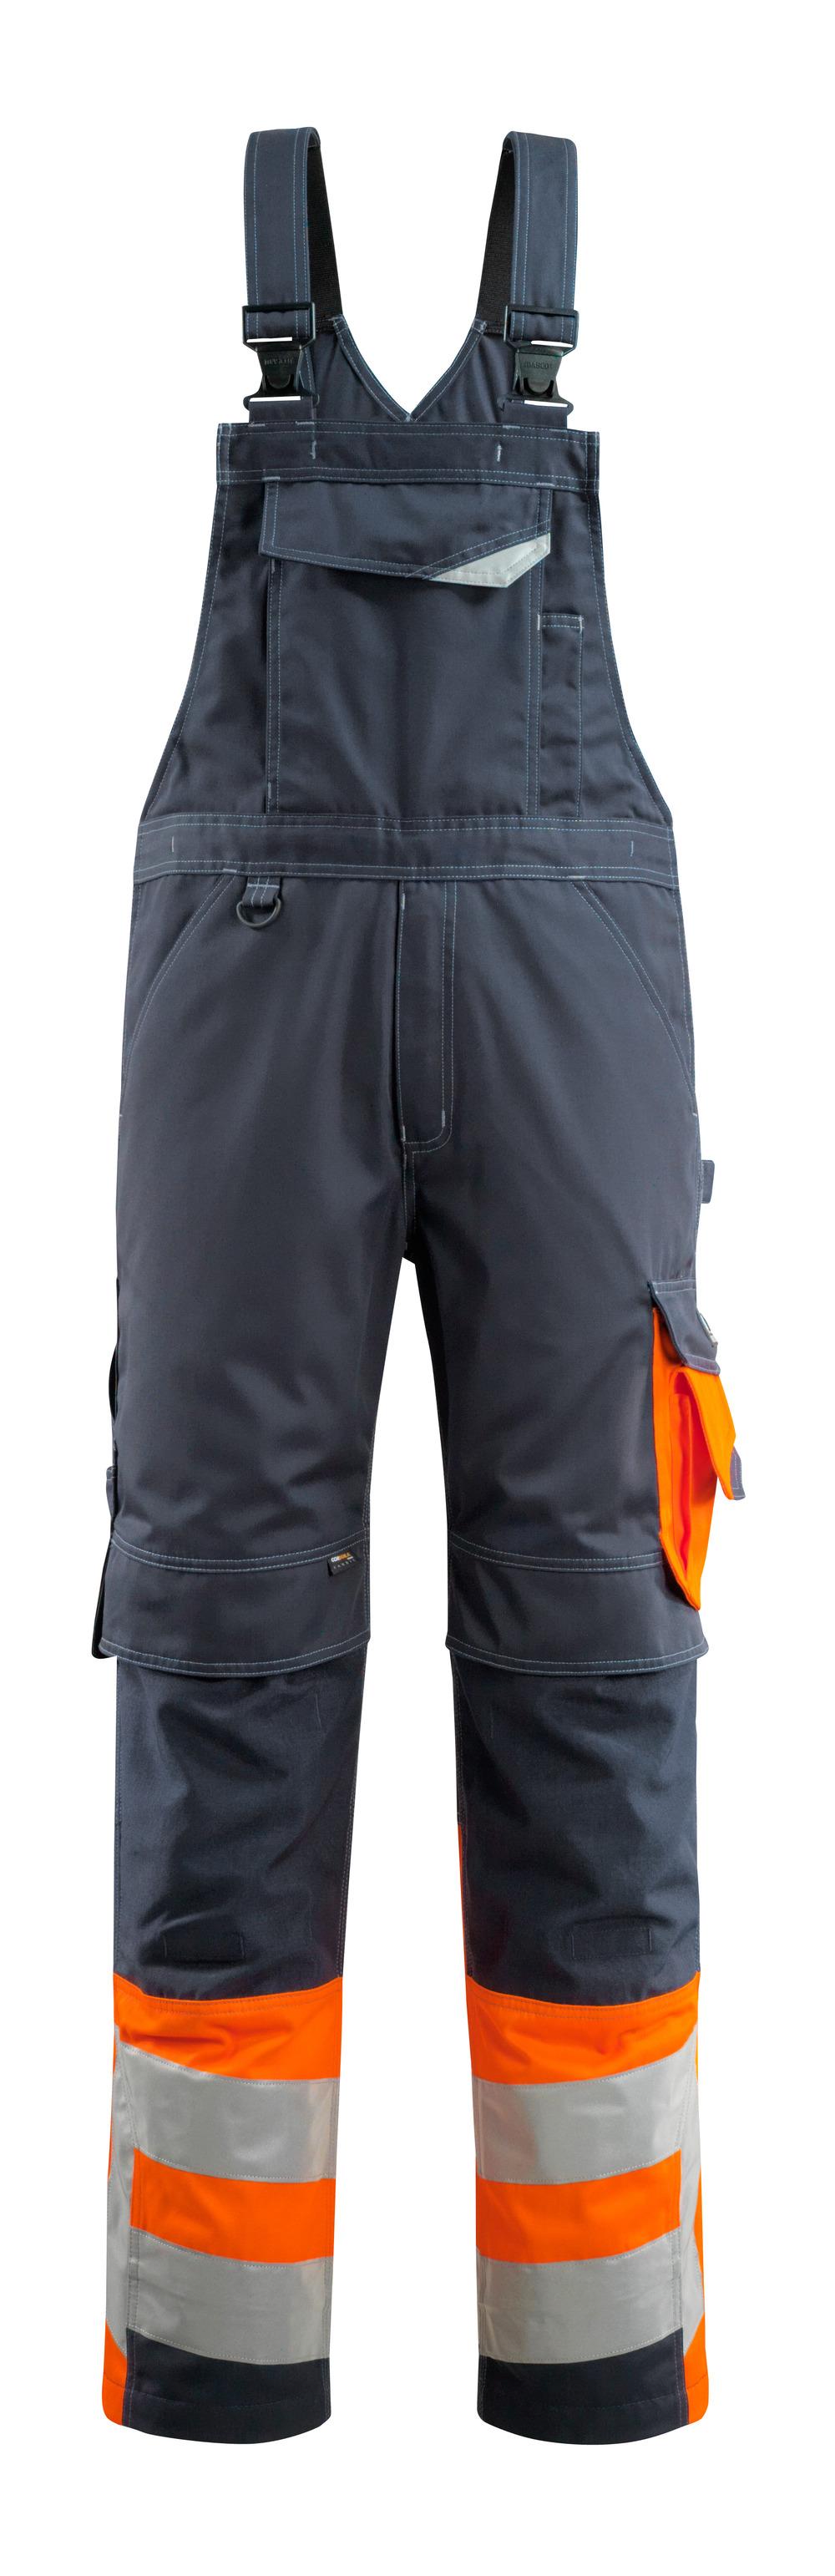 15669-860-01014 Latzhose mit Knietaschen - Schwarzblau/hi-vis Orange